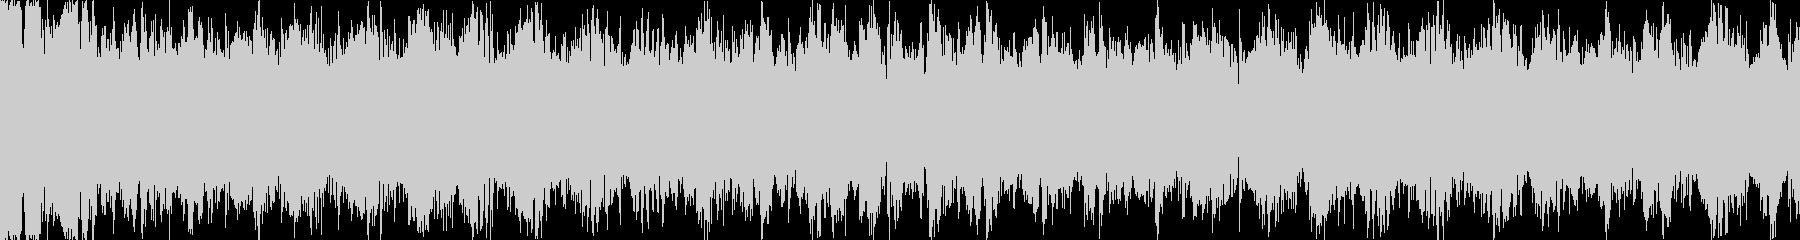 【ループA】パワフルで高揚感ピアノEDMの未再生の波形